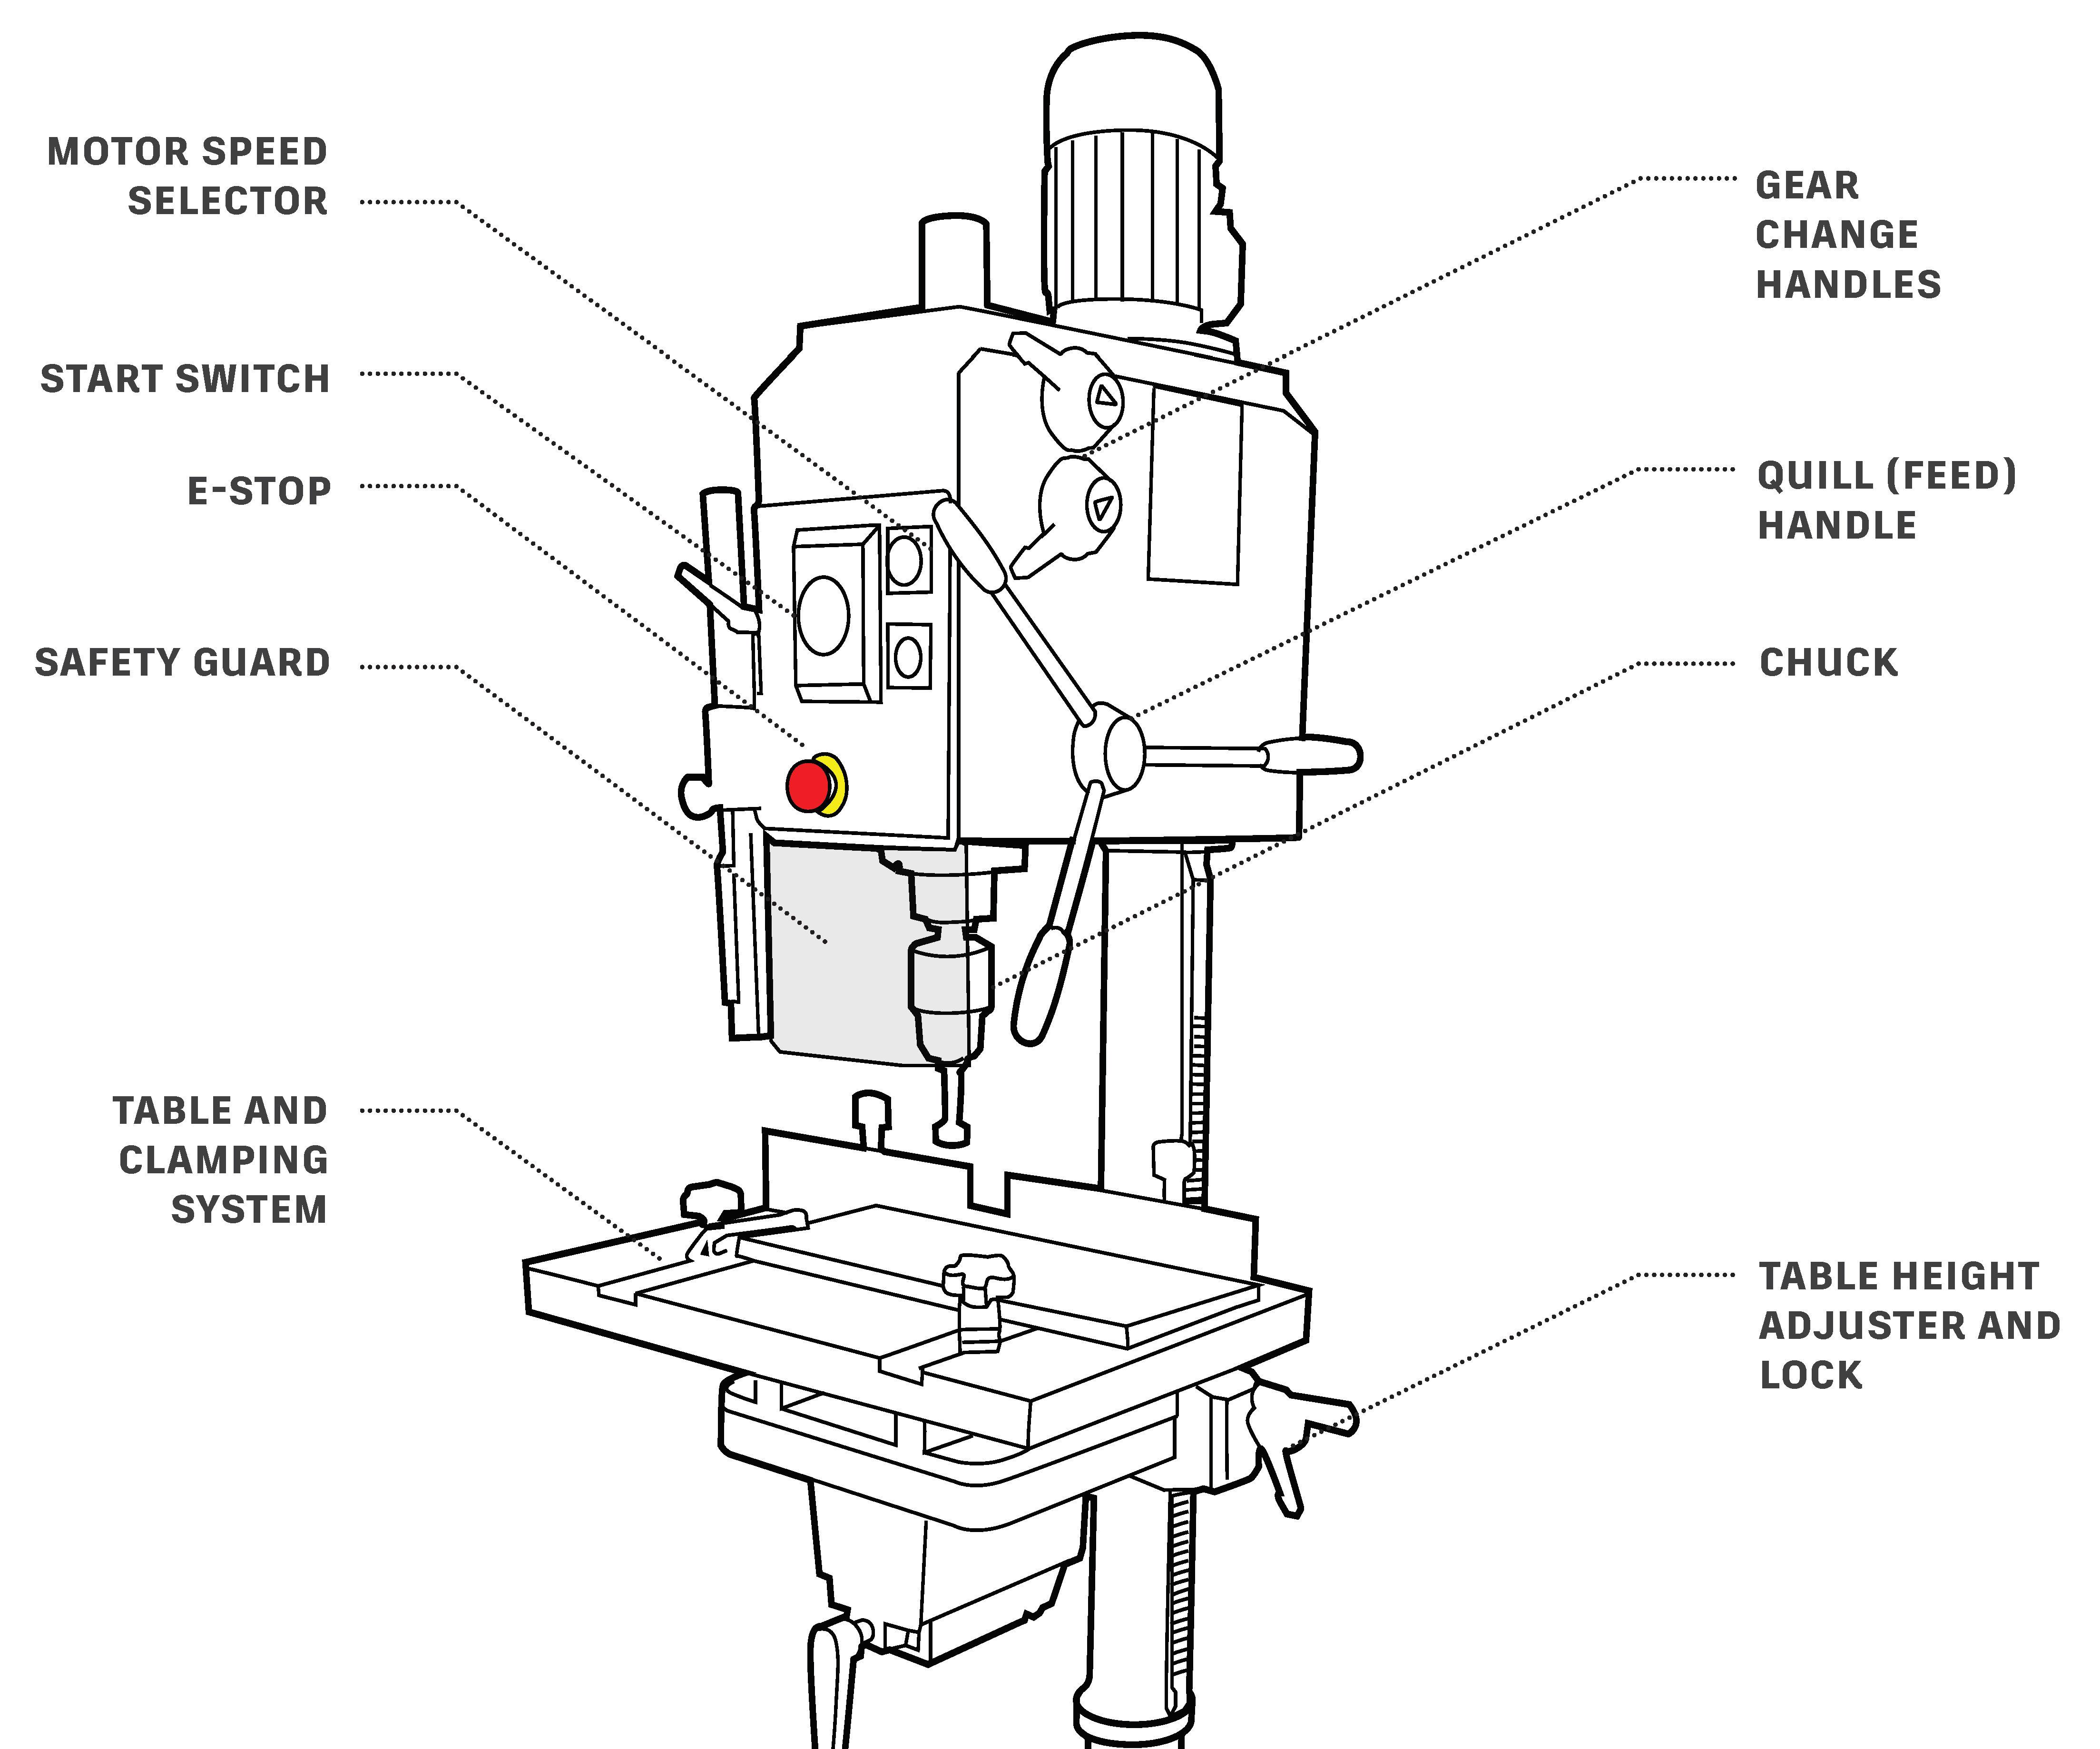 medium resolution of drill press wiring diagram wiring diagram yer drill press wiring diagram